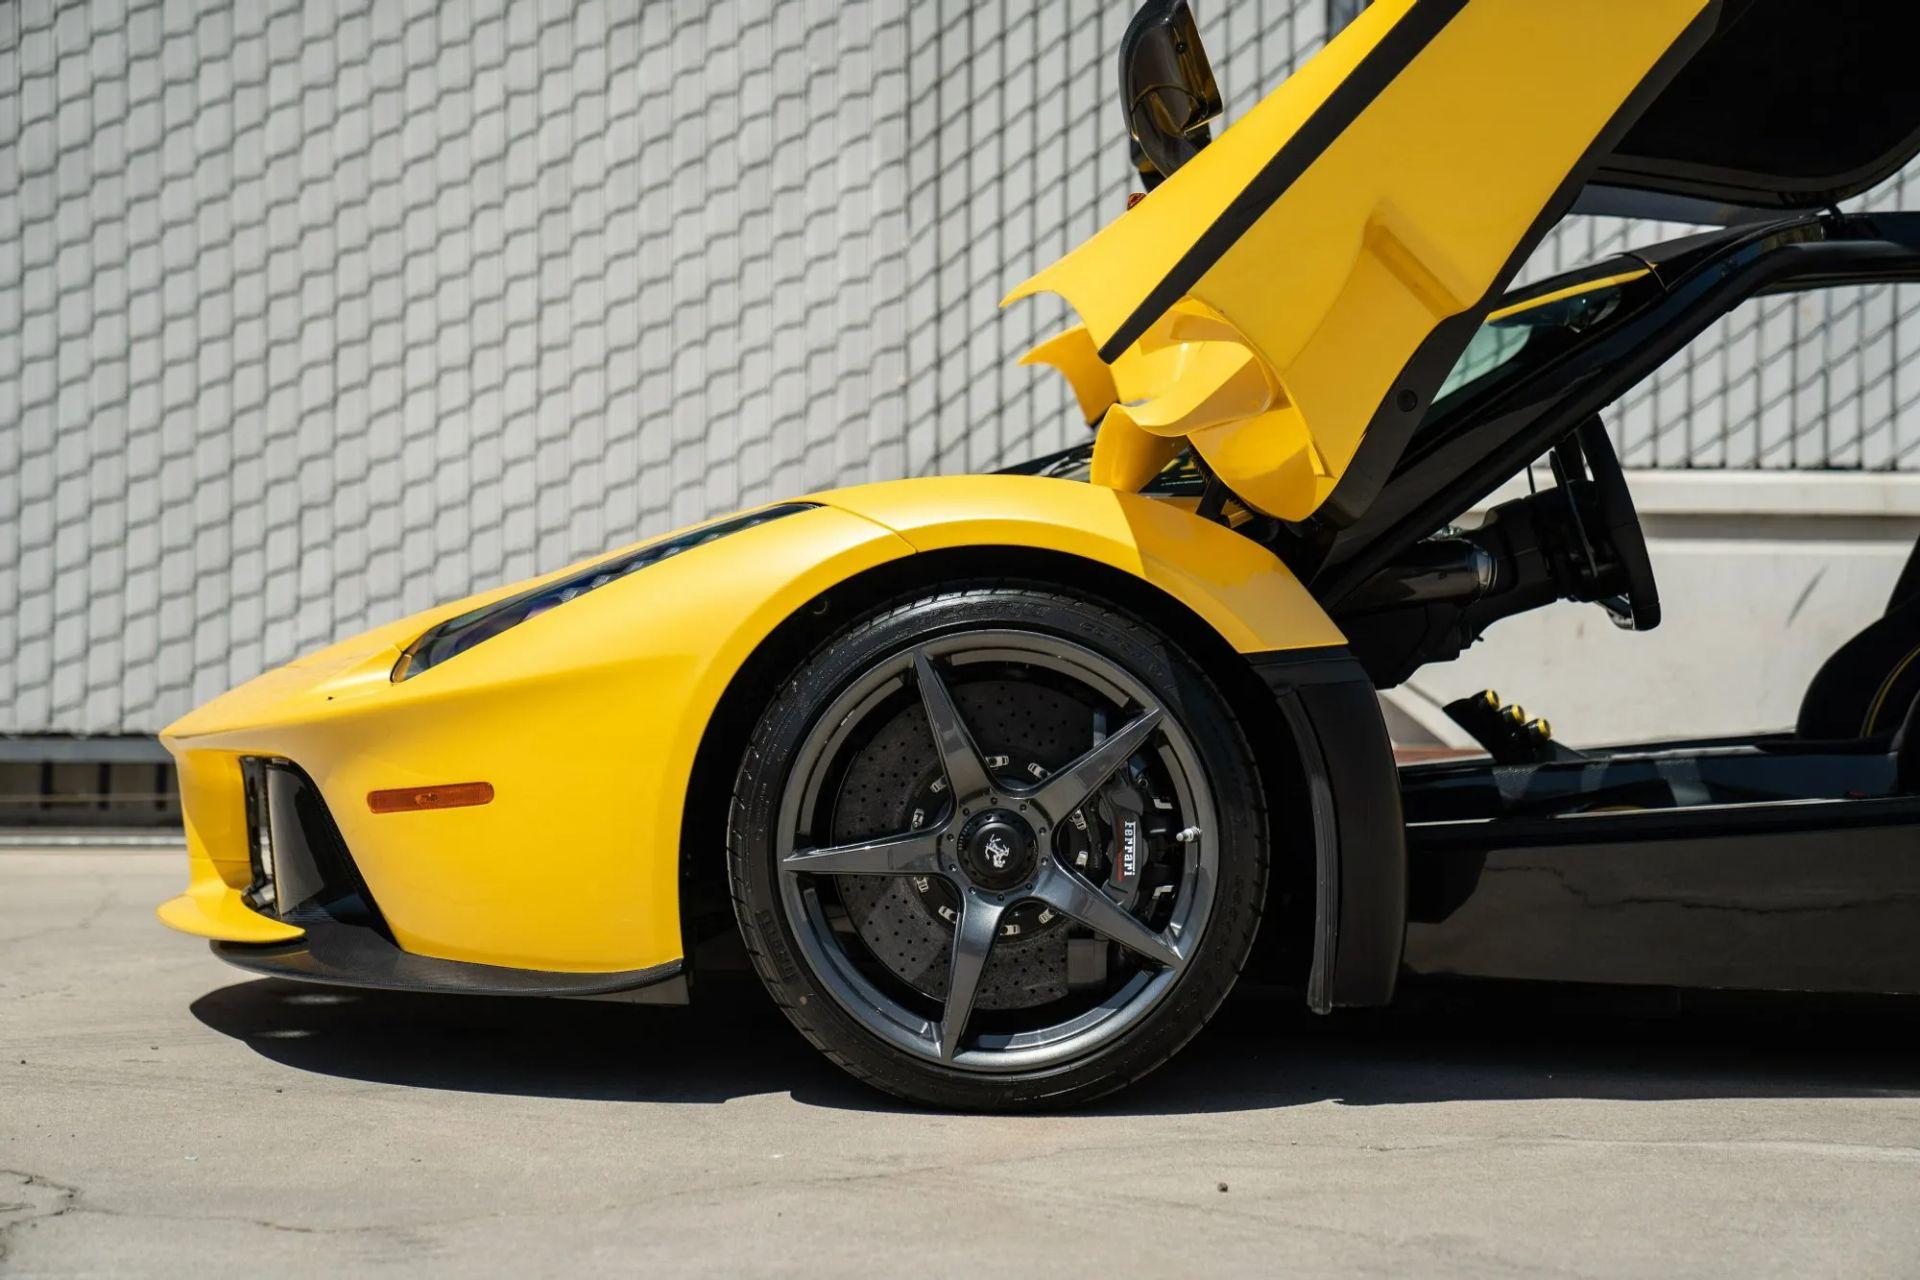 2015-La-Ferrari-Giallo-Triplo-Strato-4